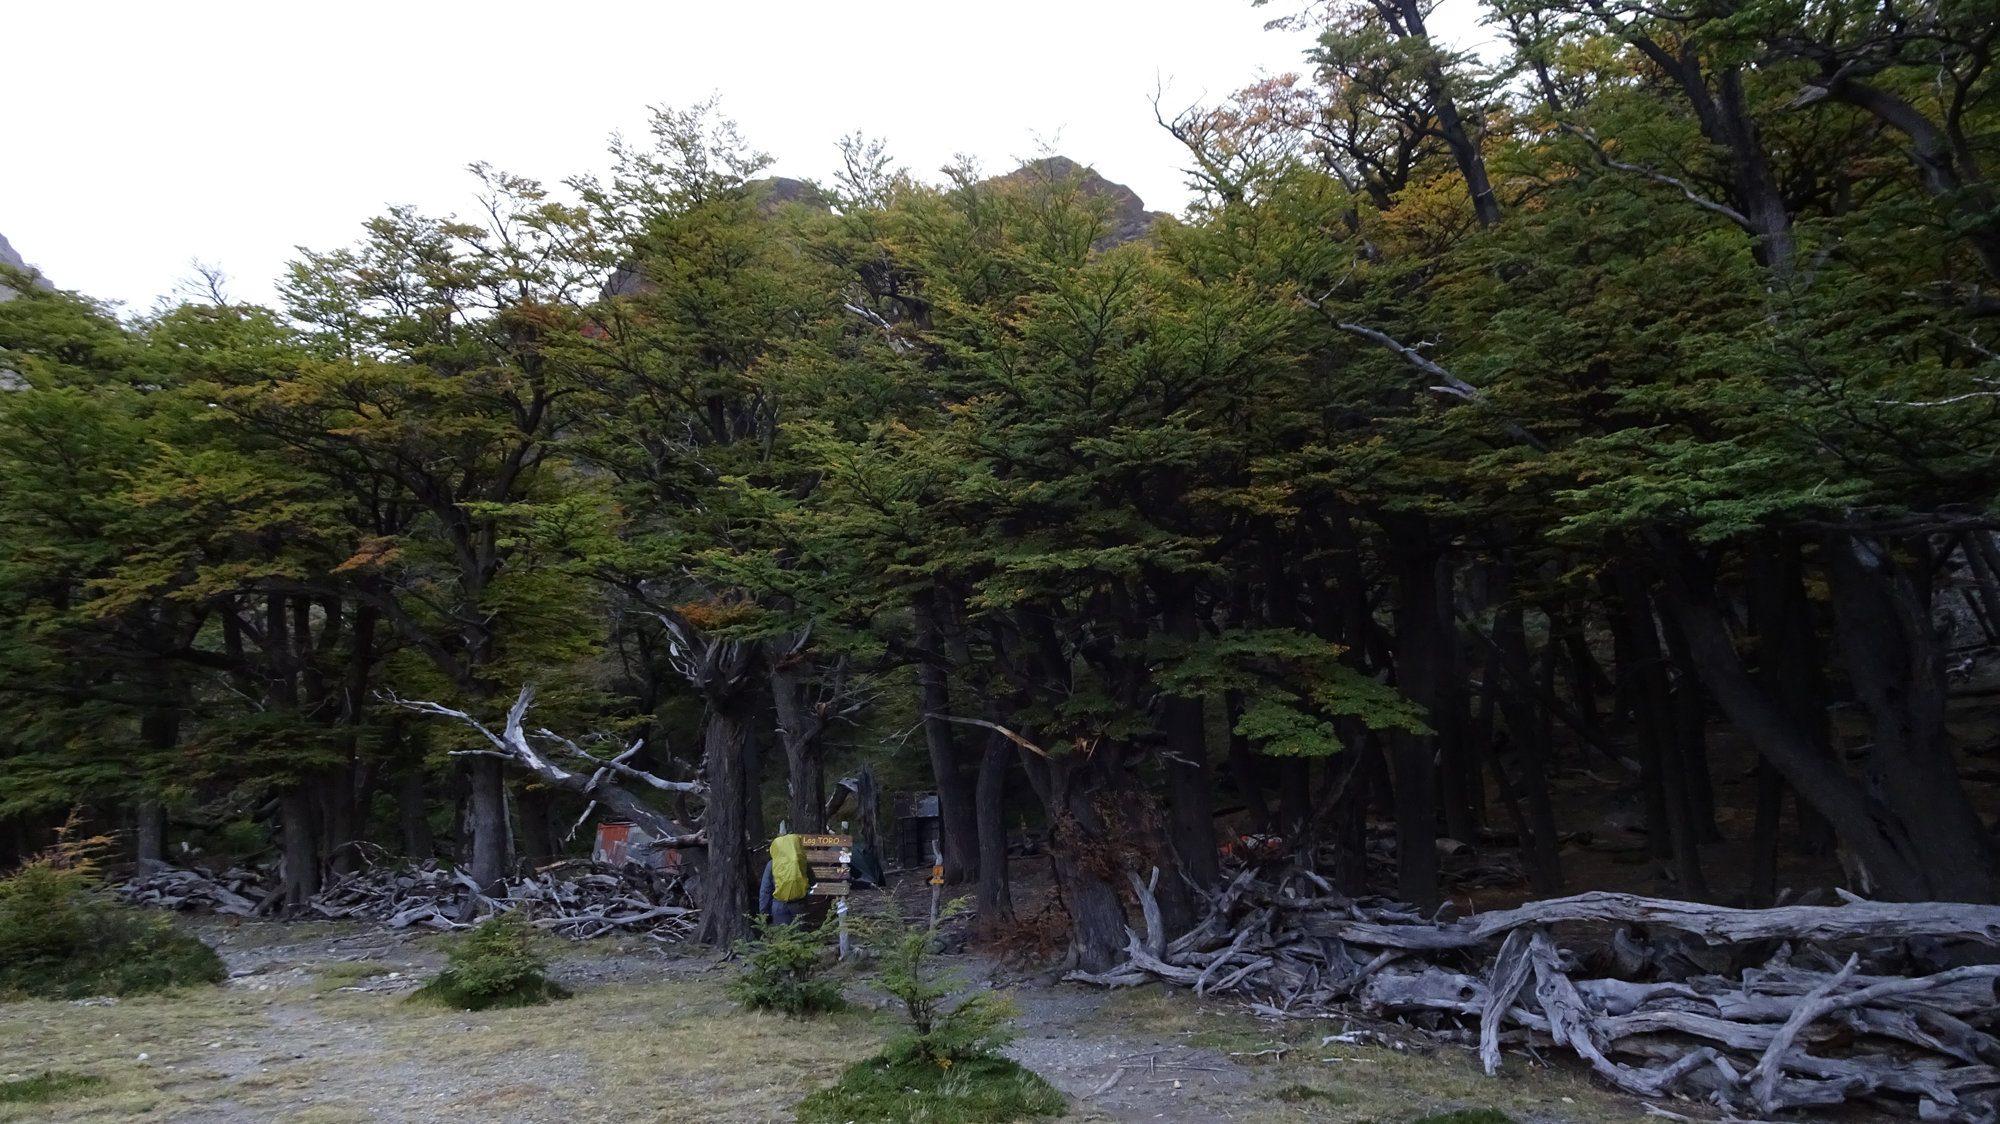 Laguna Toro Zeltplatz, Huemul Circuit, El Chaltén, Patagonien, Argentinien, Wanderung, Trekking